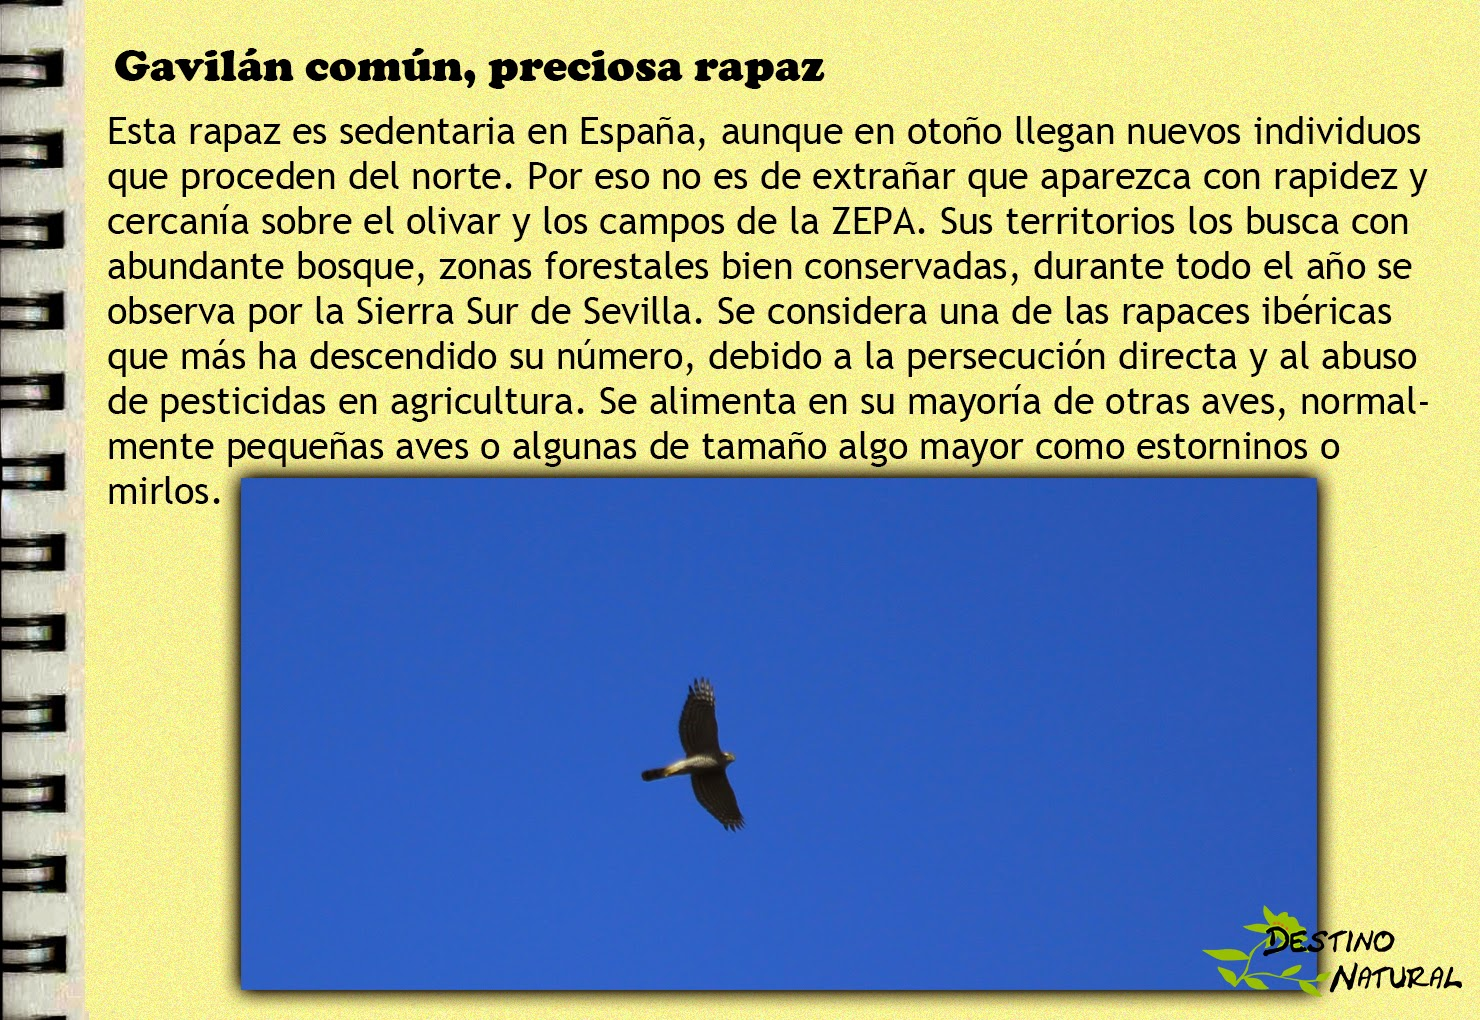 Diario de campo- gavilán común